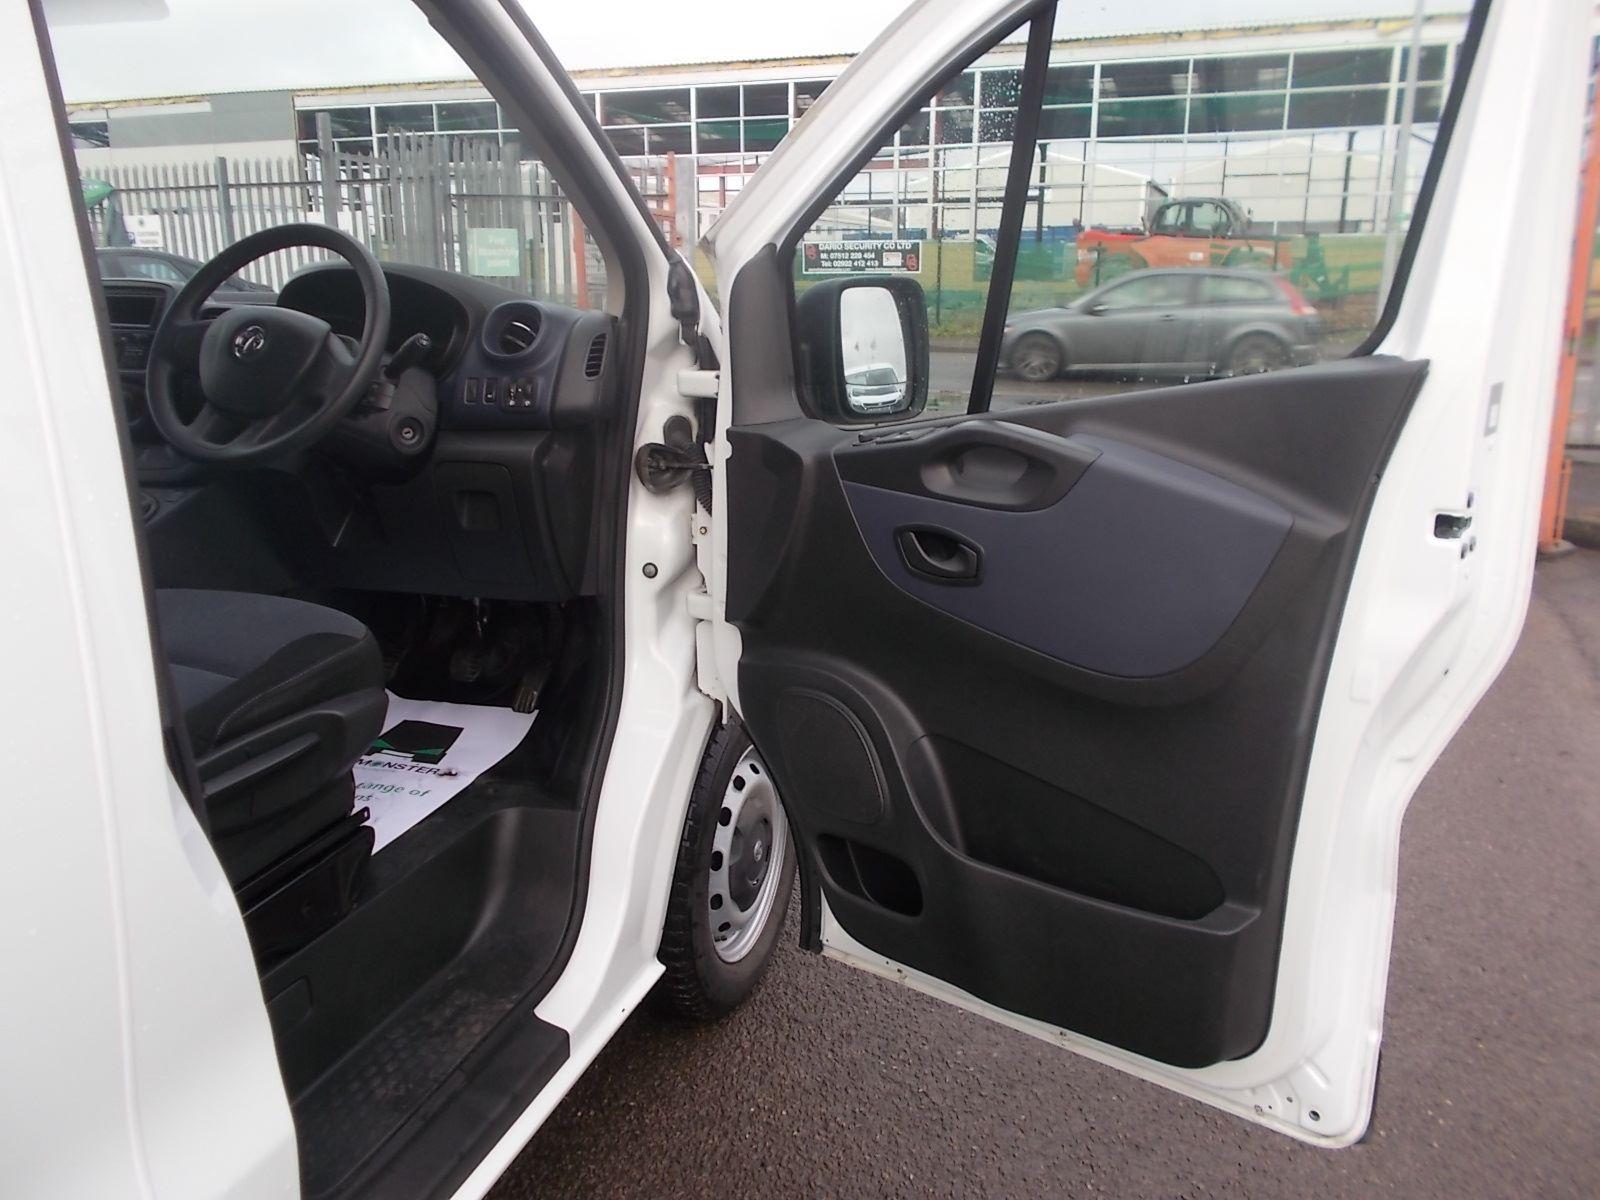 2017 Vauxhall Vivaro L2 H1 2900 1.6CDTI 120PS EURO 6 (DV17FNH) Image 13